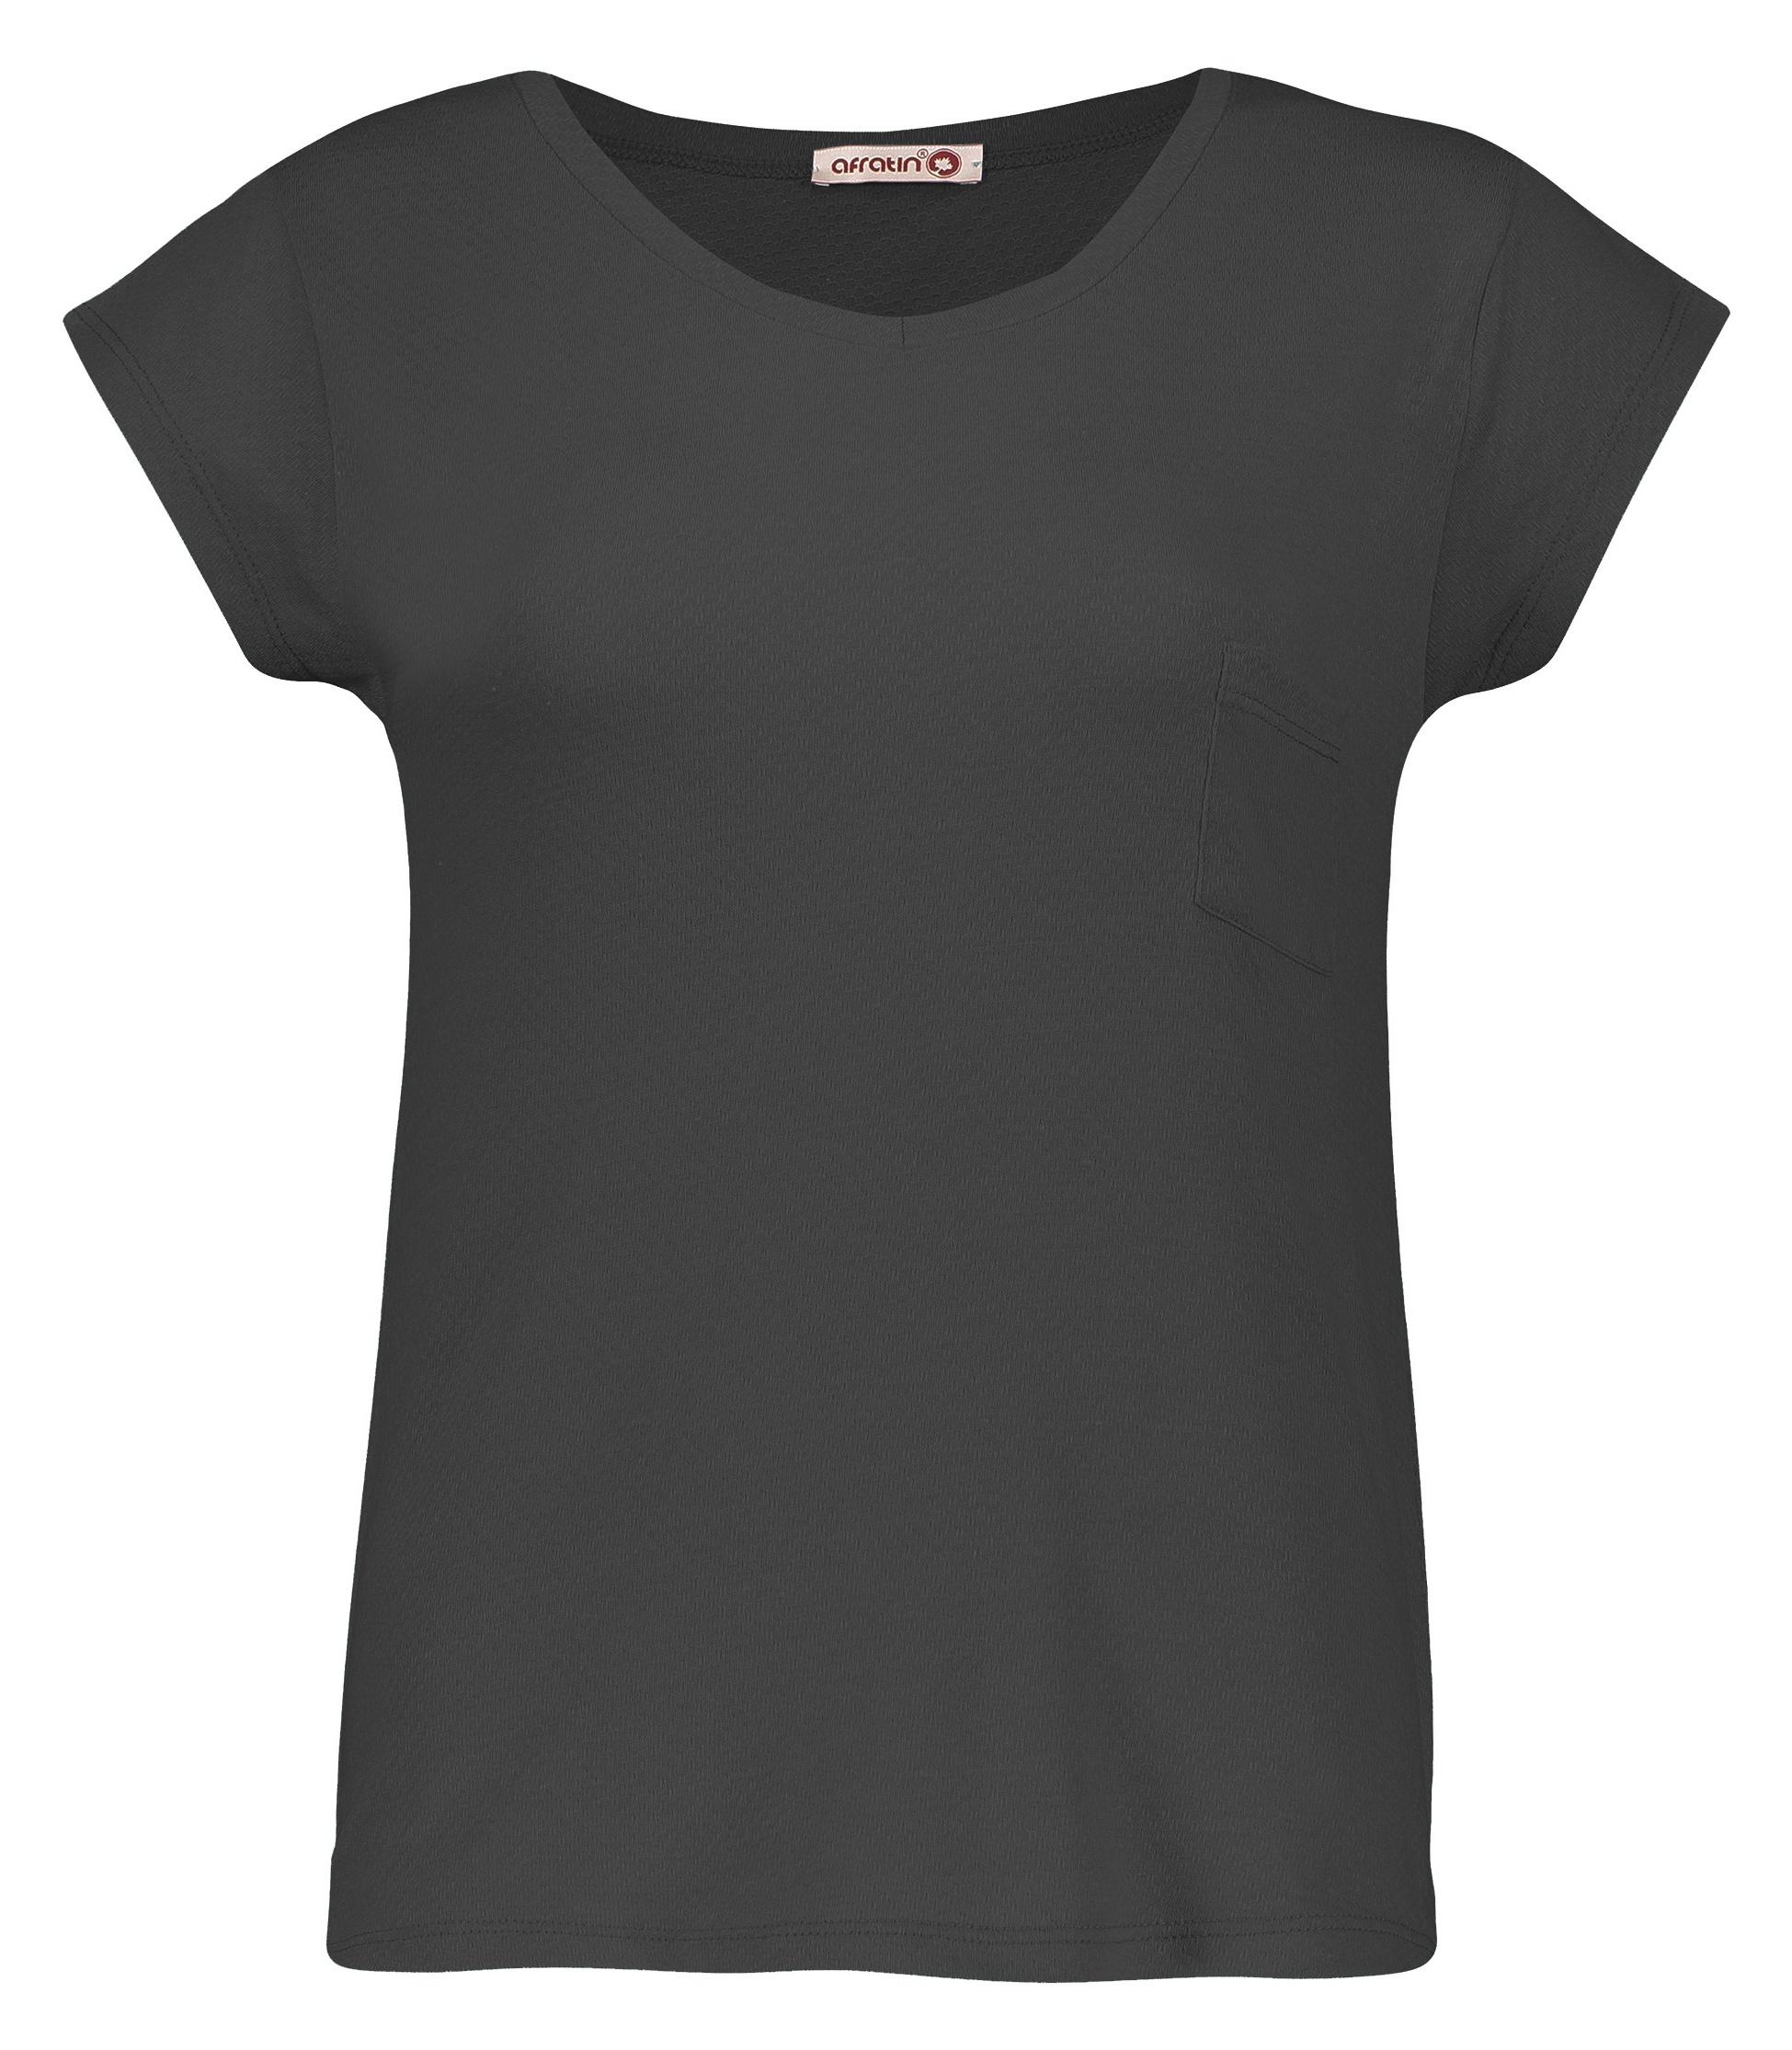 تصویر تی شرت زنانه افراتین کد2515/3 رنگ خاکستری